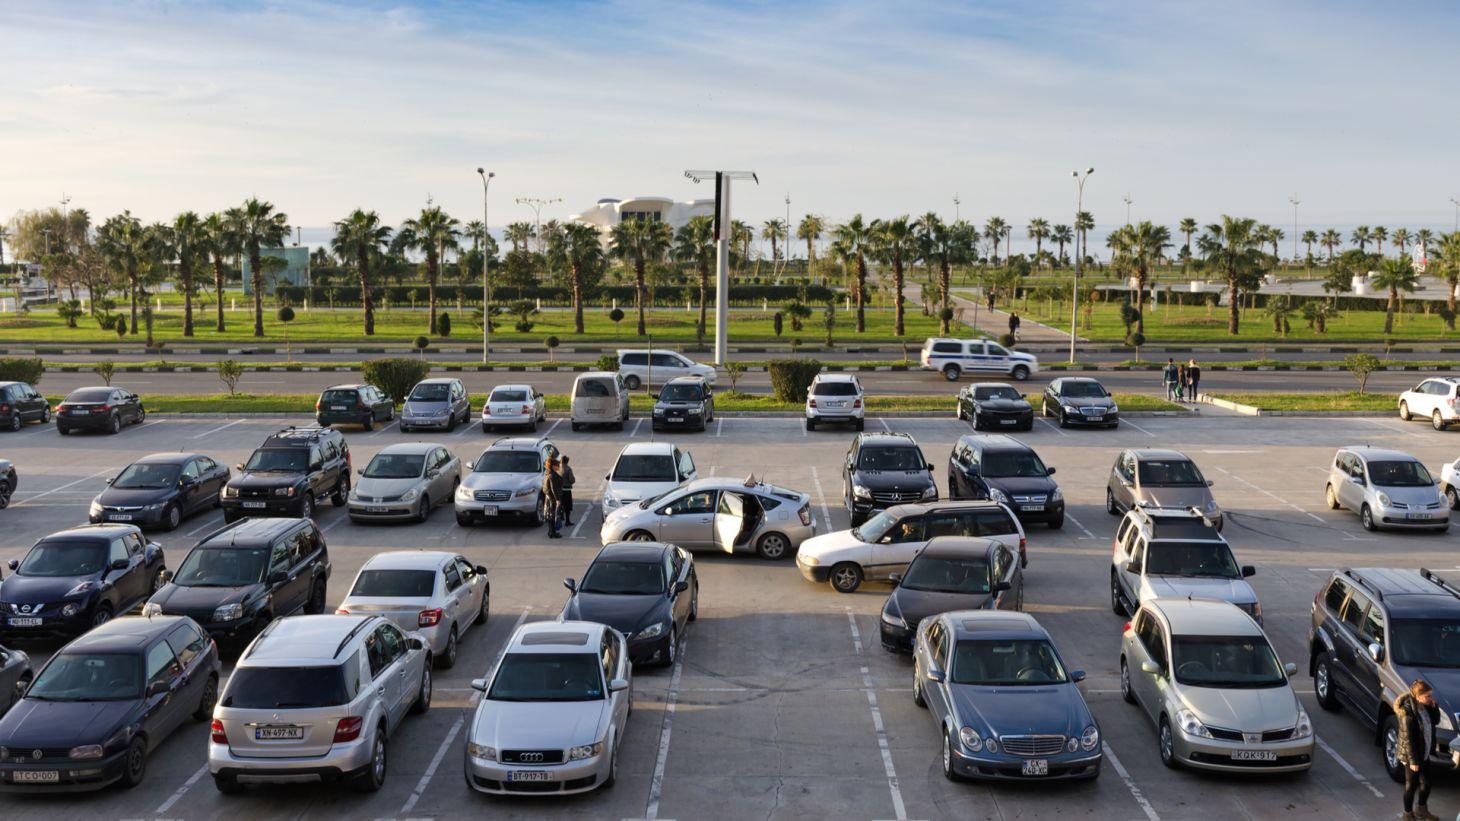 estacionamento de shopping carros automoveis parando pessoas andando regras transito